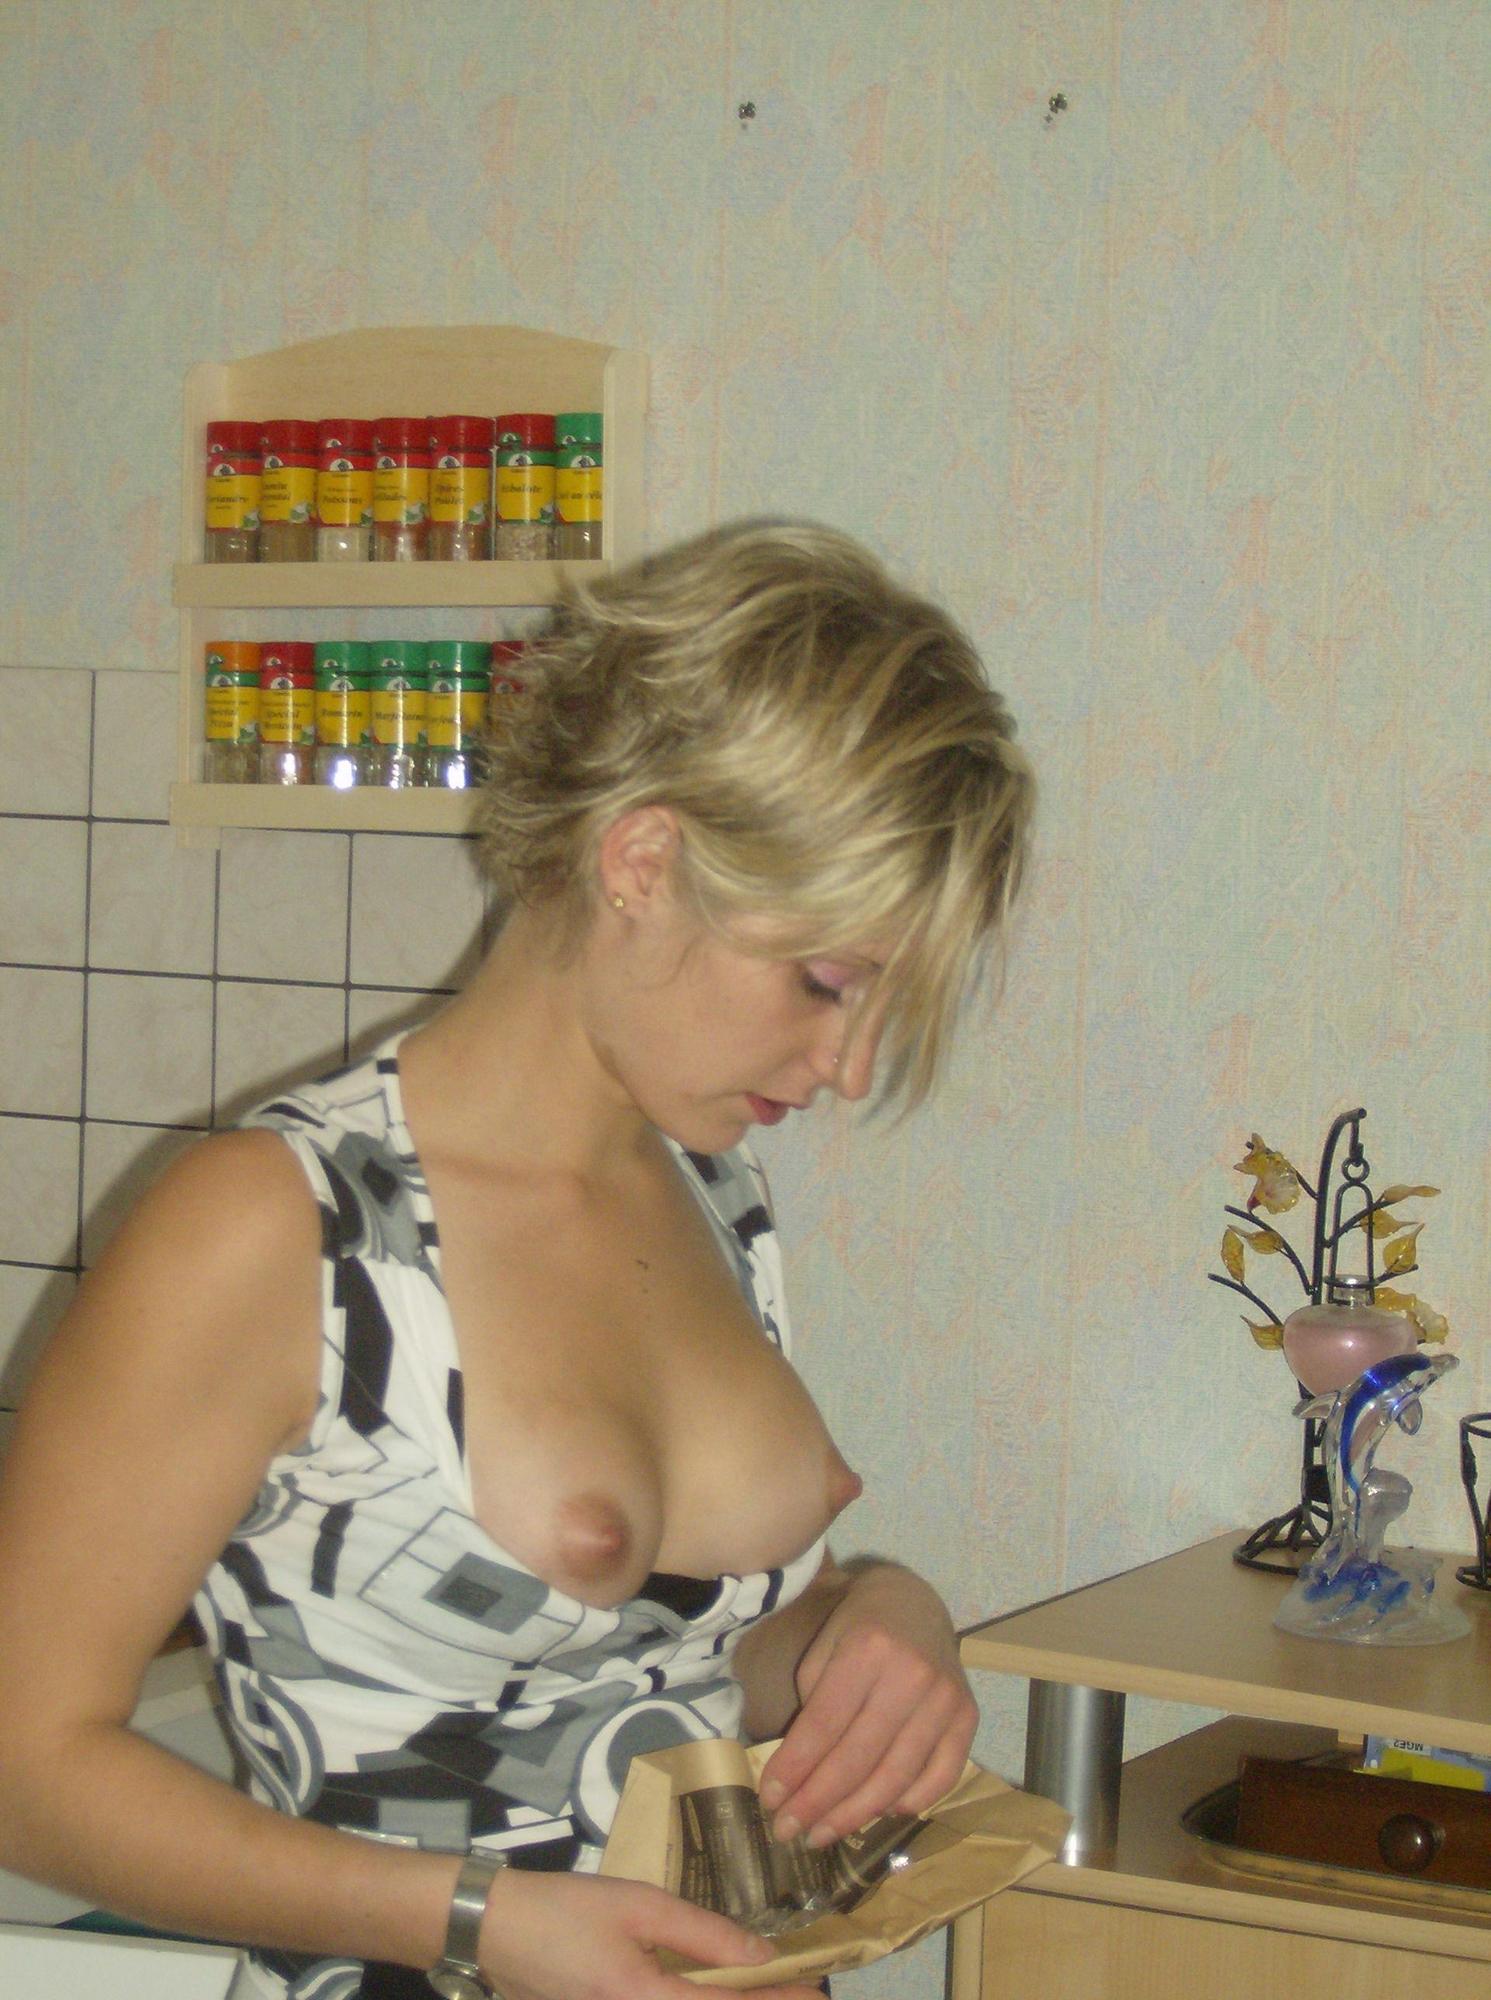 Коротко бритая блондинка в нижнем белье хвастается в постели